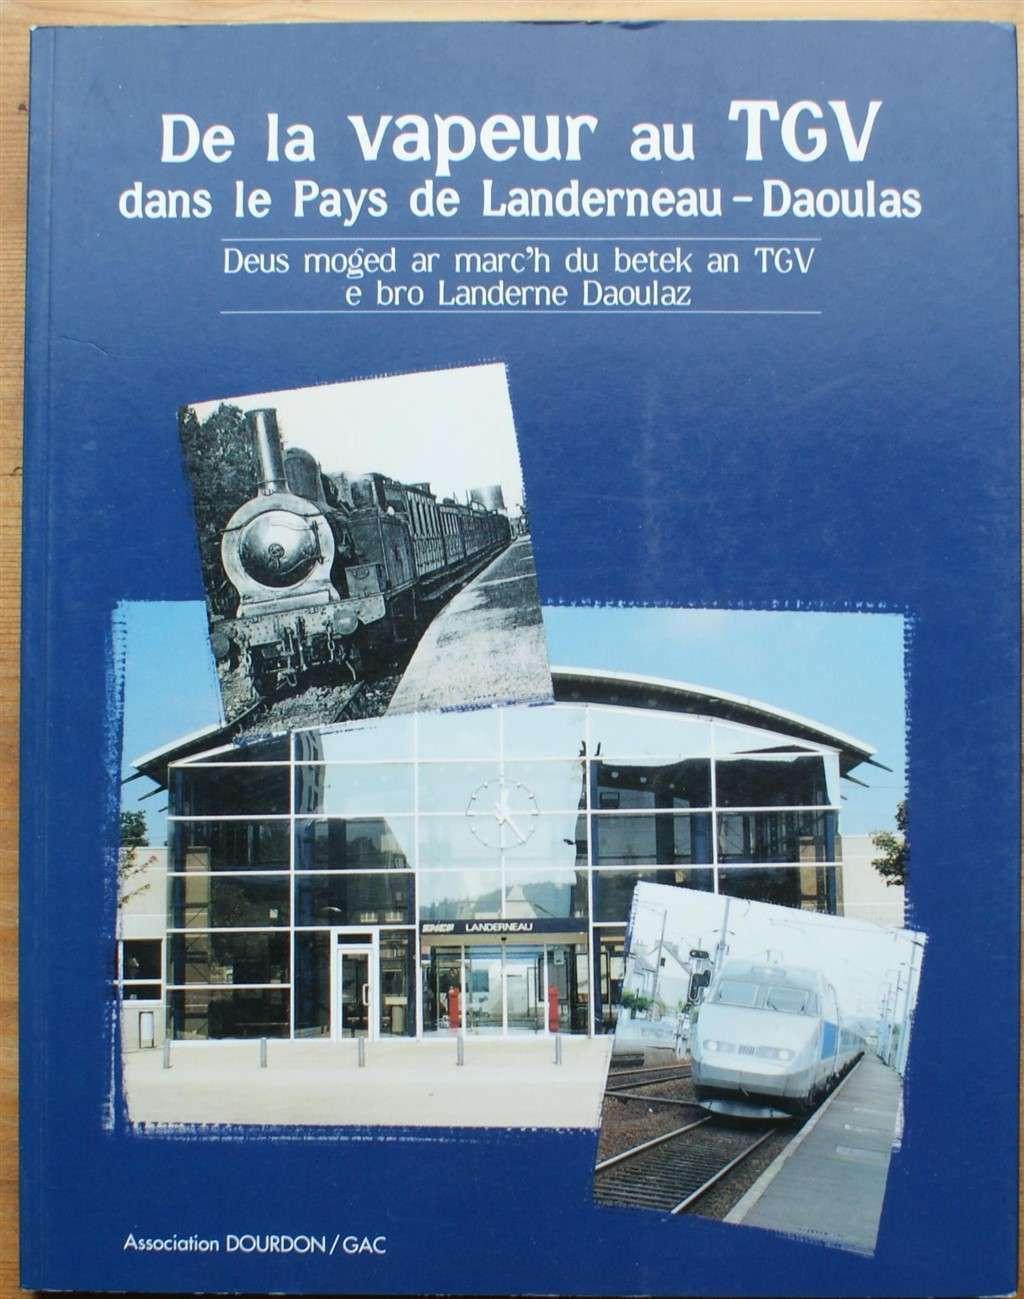 De la vapeur au TGV dans le pays de Landerneau-Daoulas - Andrée Sanquer, Marie-Louise Richard, Jean-Luc Richard